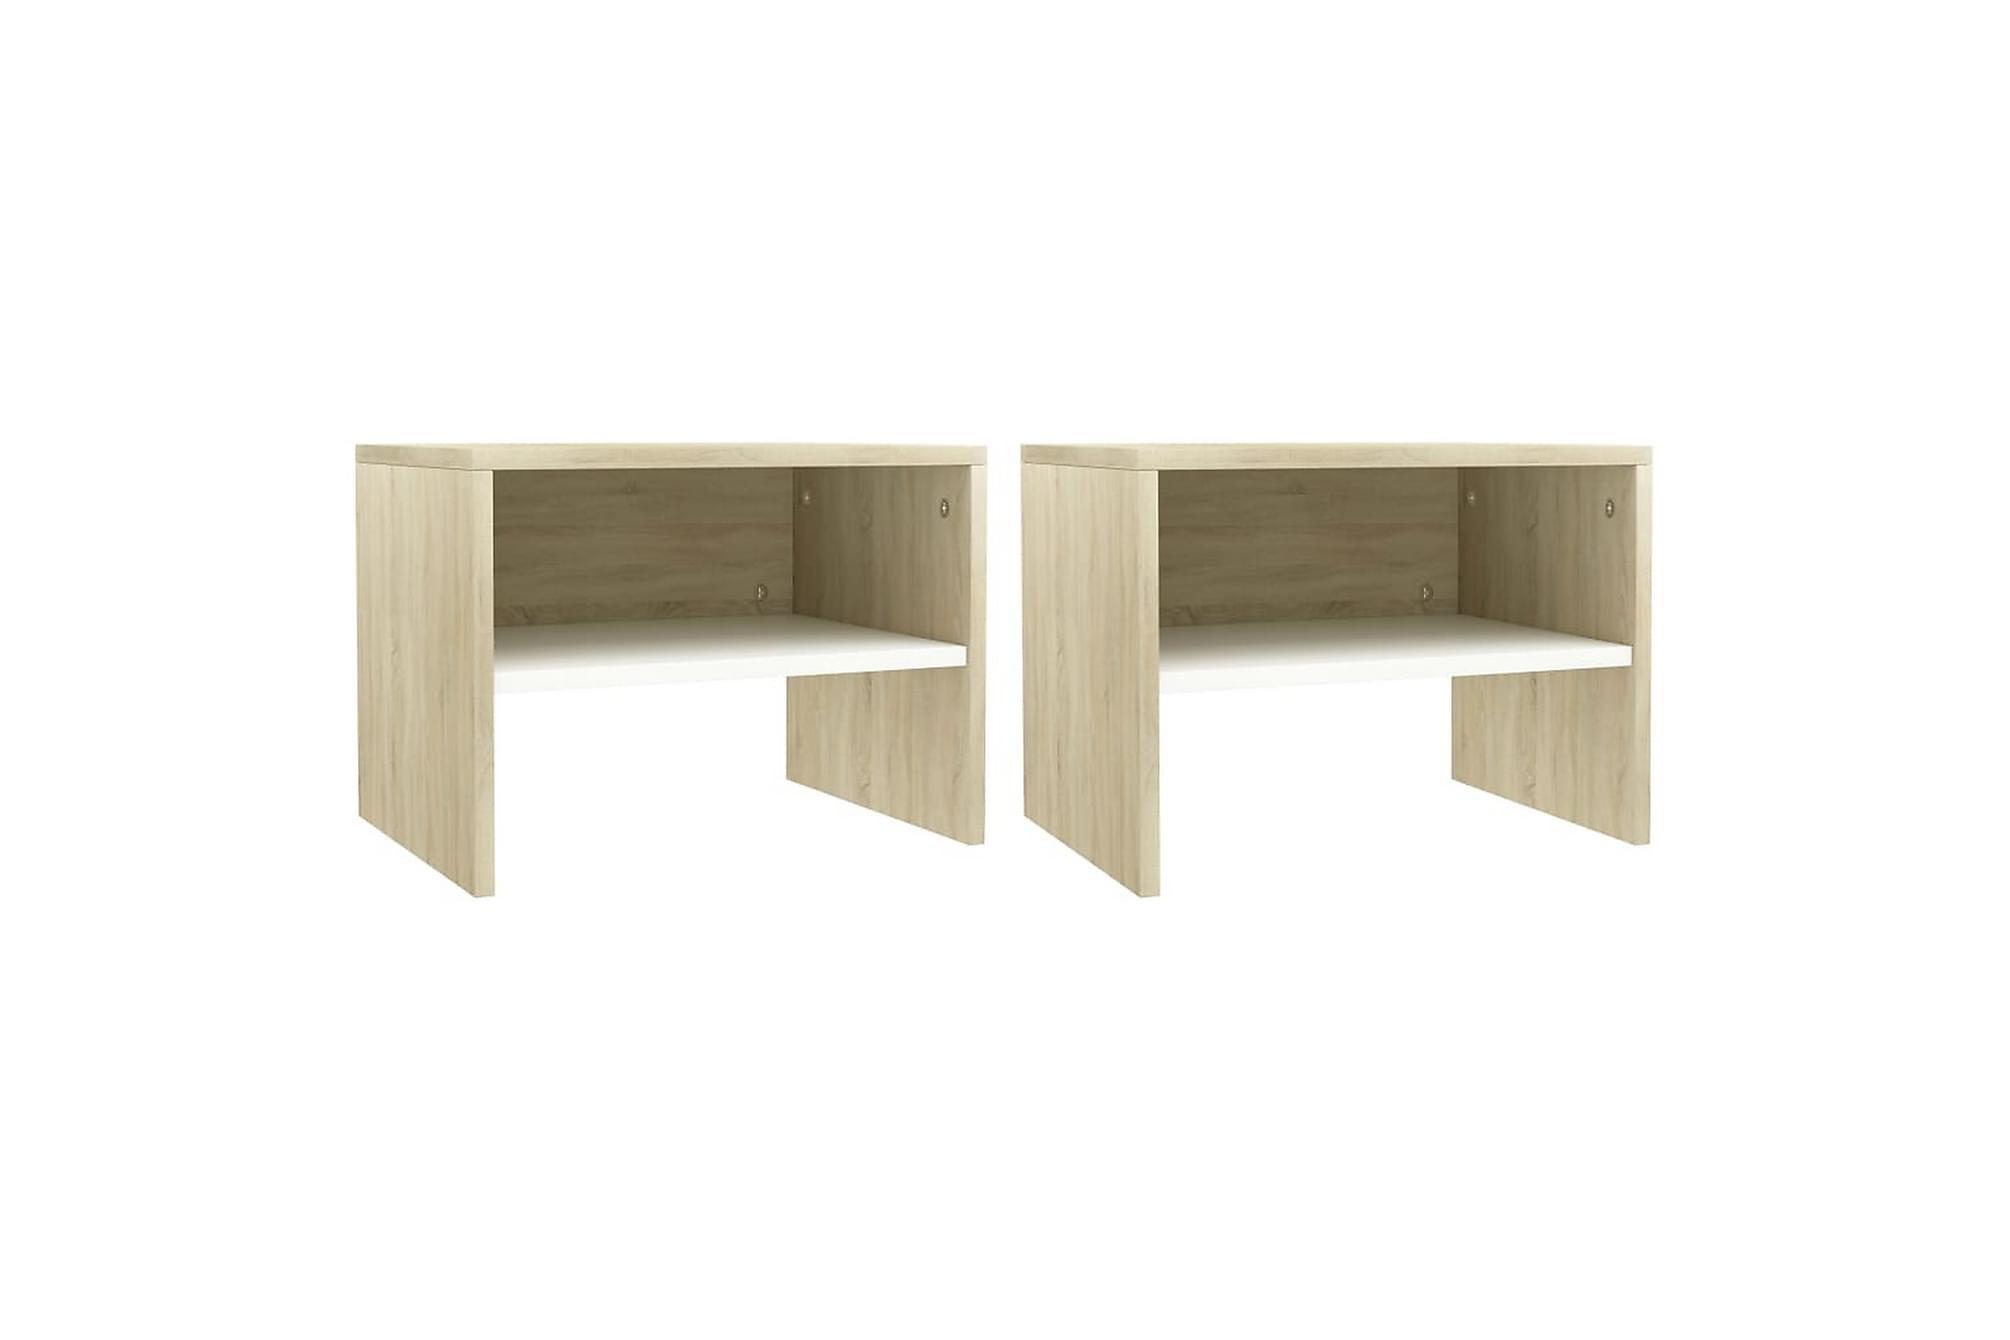 Sängbord 2 st vit och sonoma 40x30x30 cm spånskiva